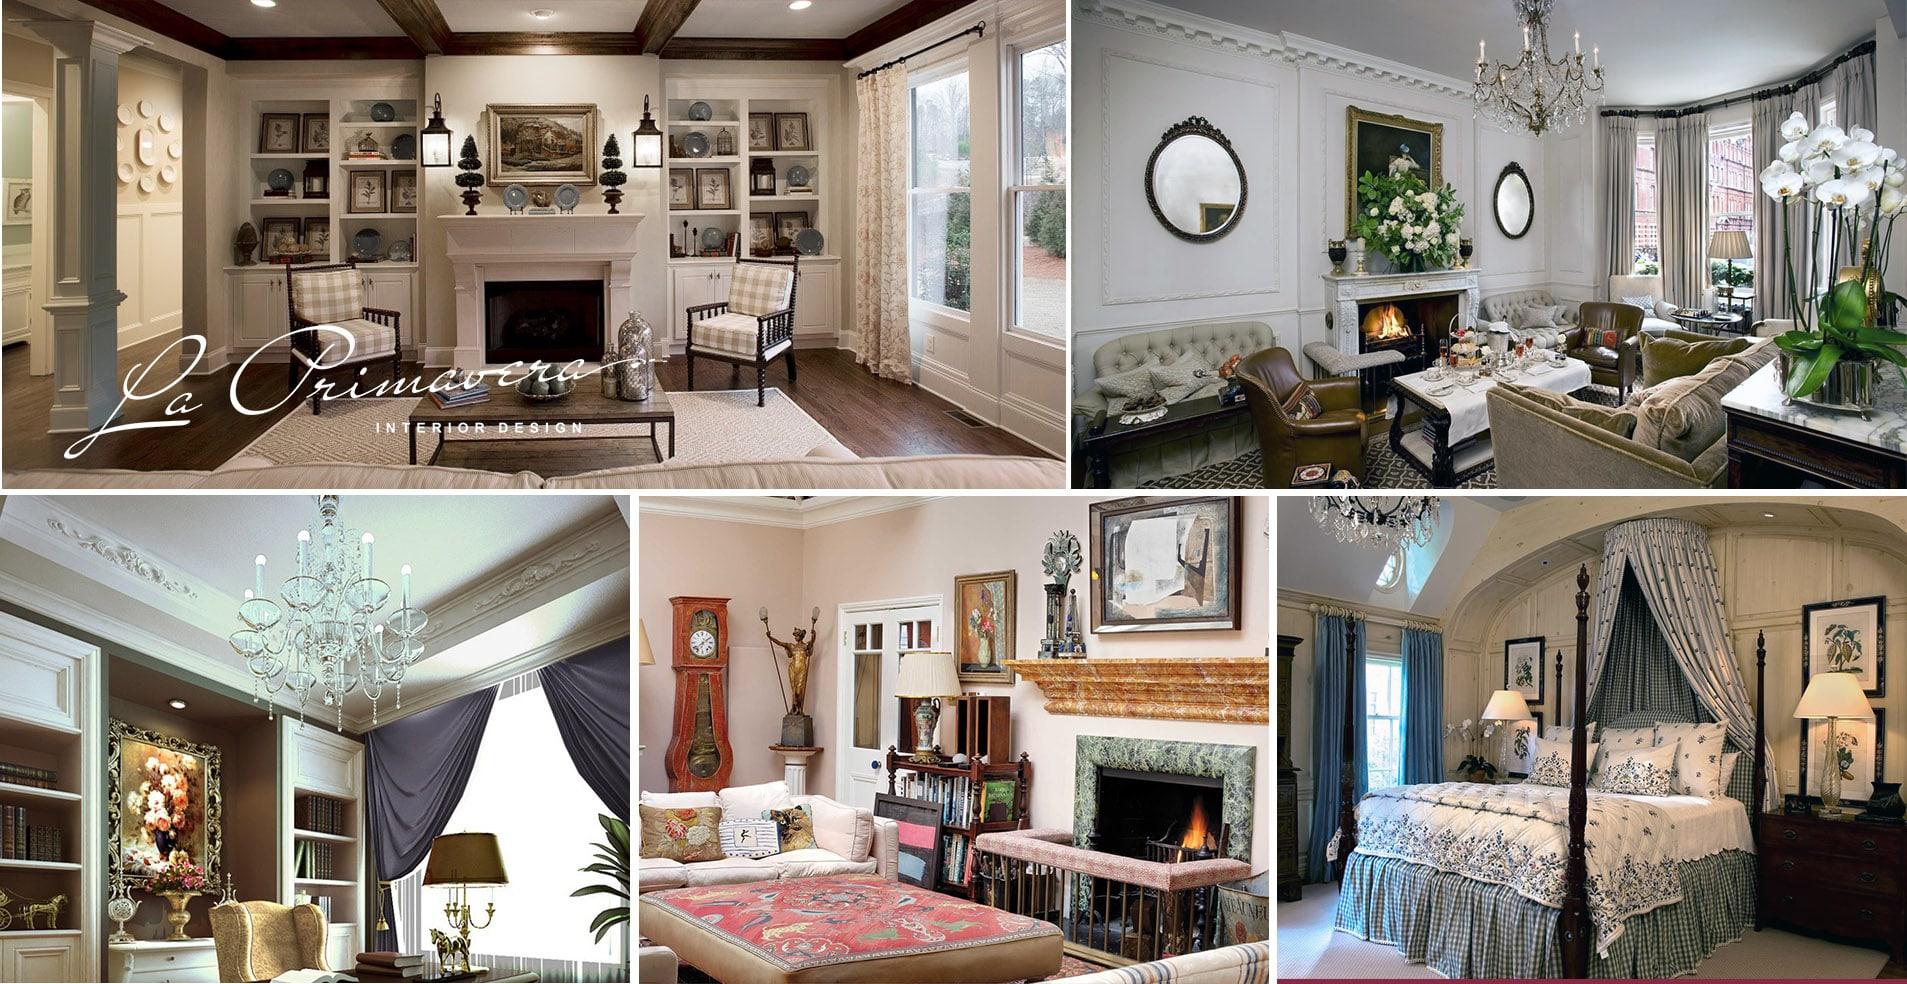 Дизайн интерьера дома в английском стиле